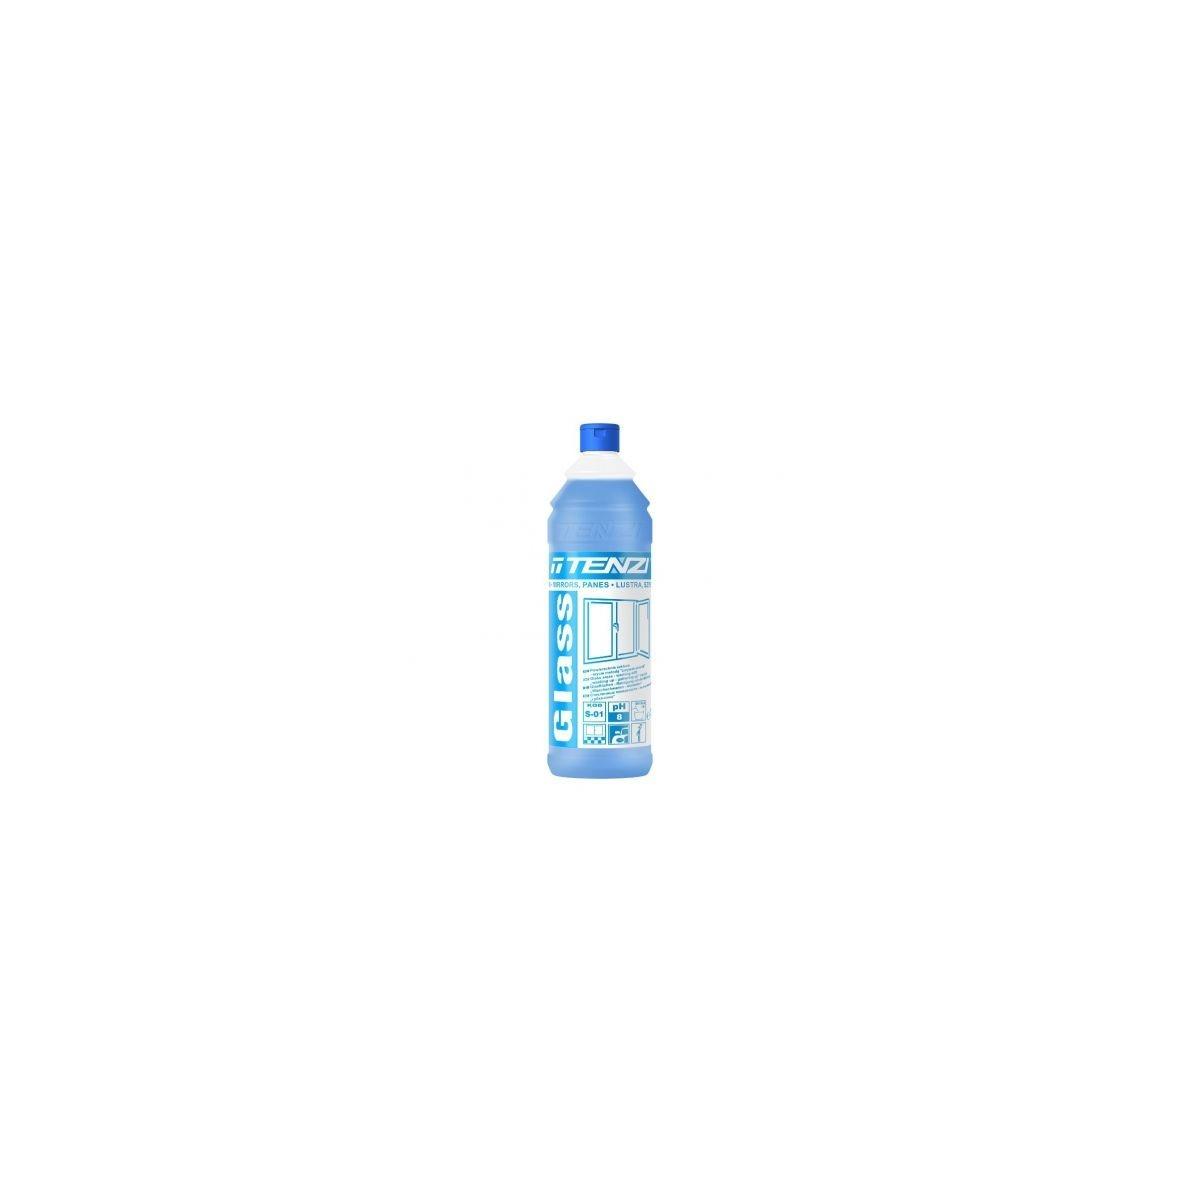 PŁYN DO SZYB GLASS 1L KONCENTRAT Płyn do mycia szyb TENZI - S01/001